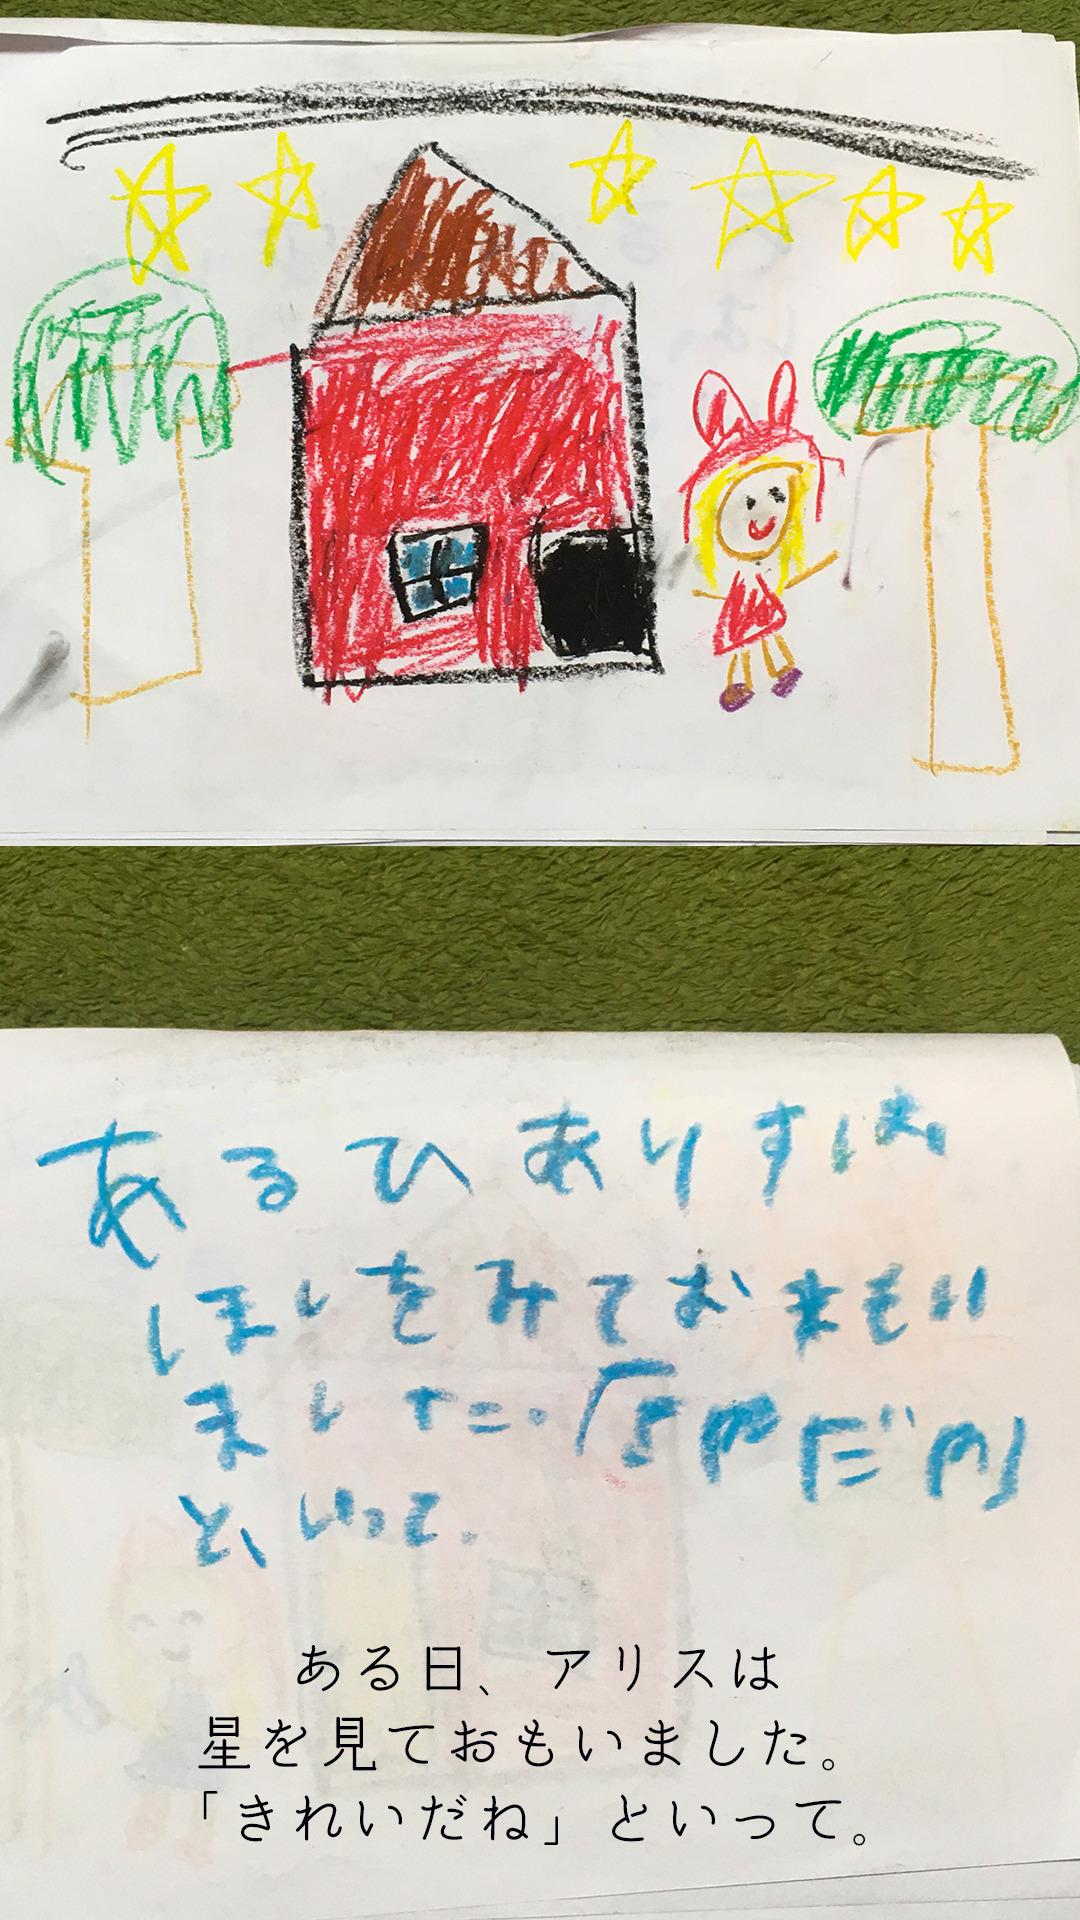 『アリスとミナのはなし』【娘の創作絵本】